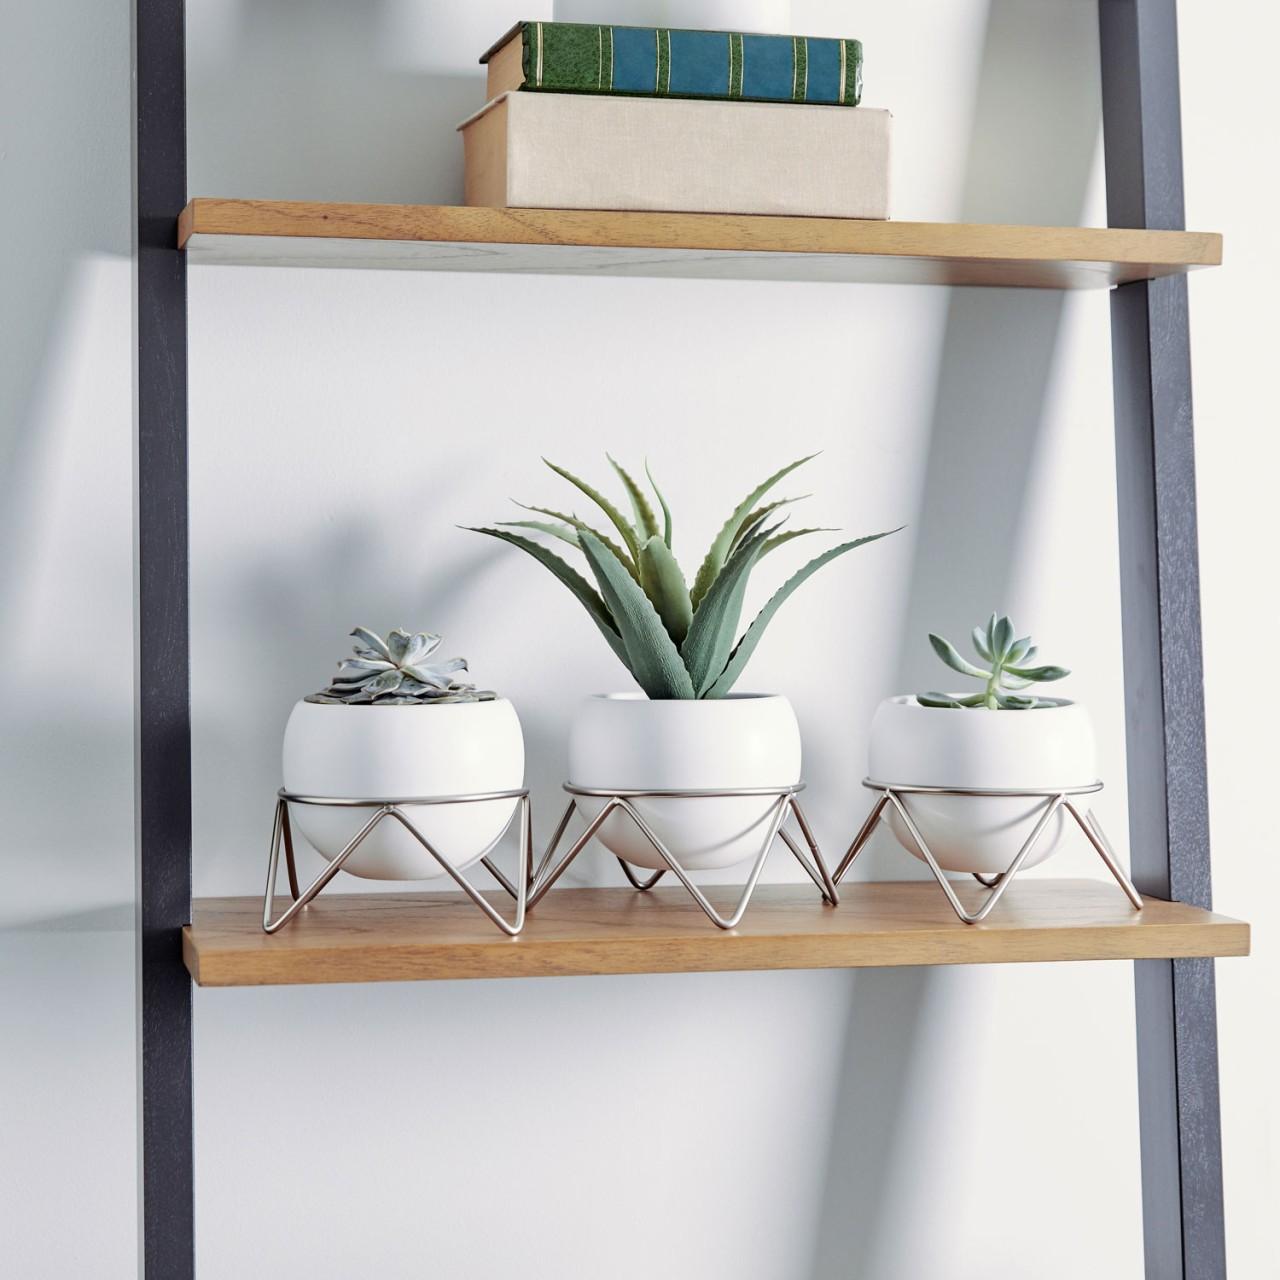 Schlichte Potsy Tischvasen, modern und bezaubernd